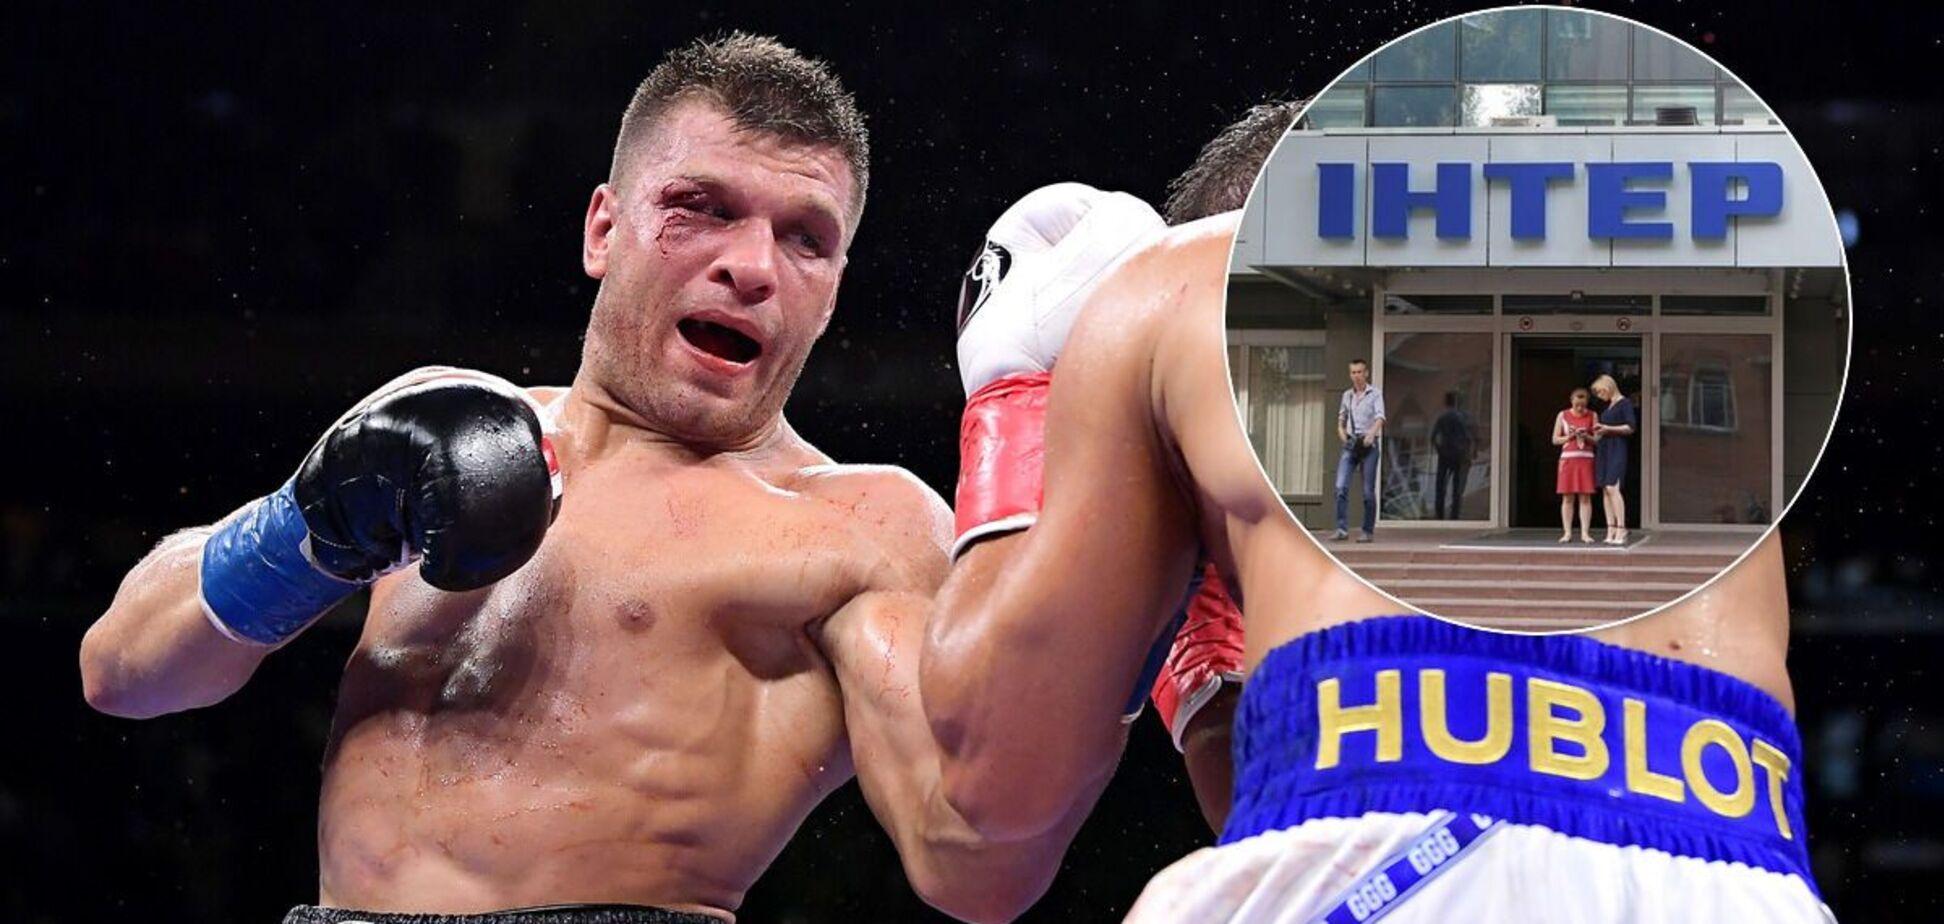 'Інтер' обдурив із трансляцією чемпіонського бою українського боксера